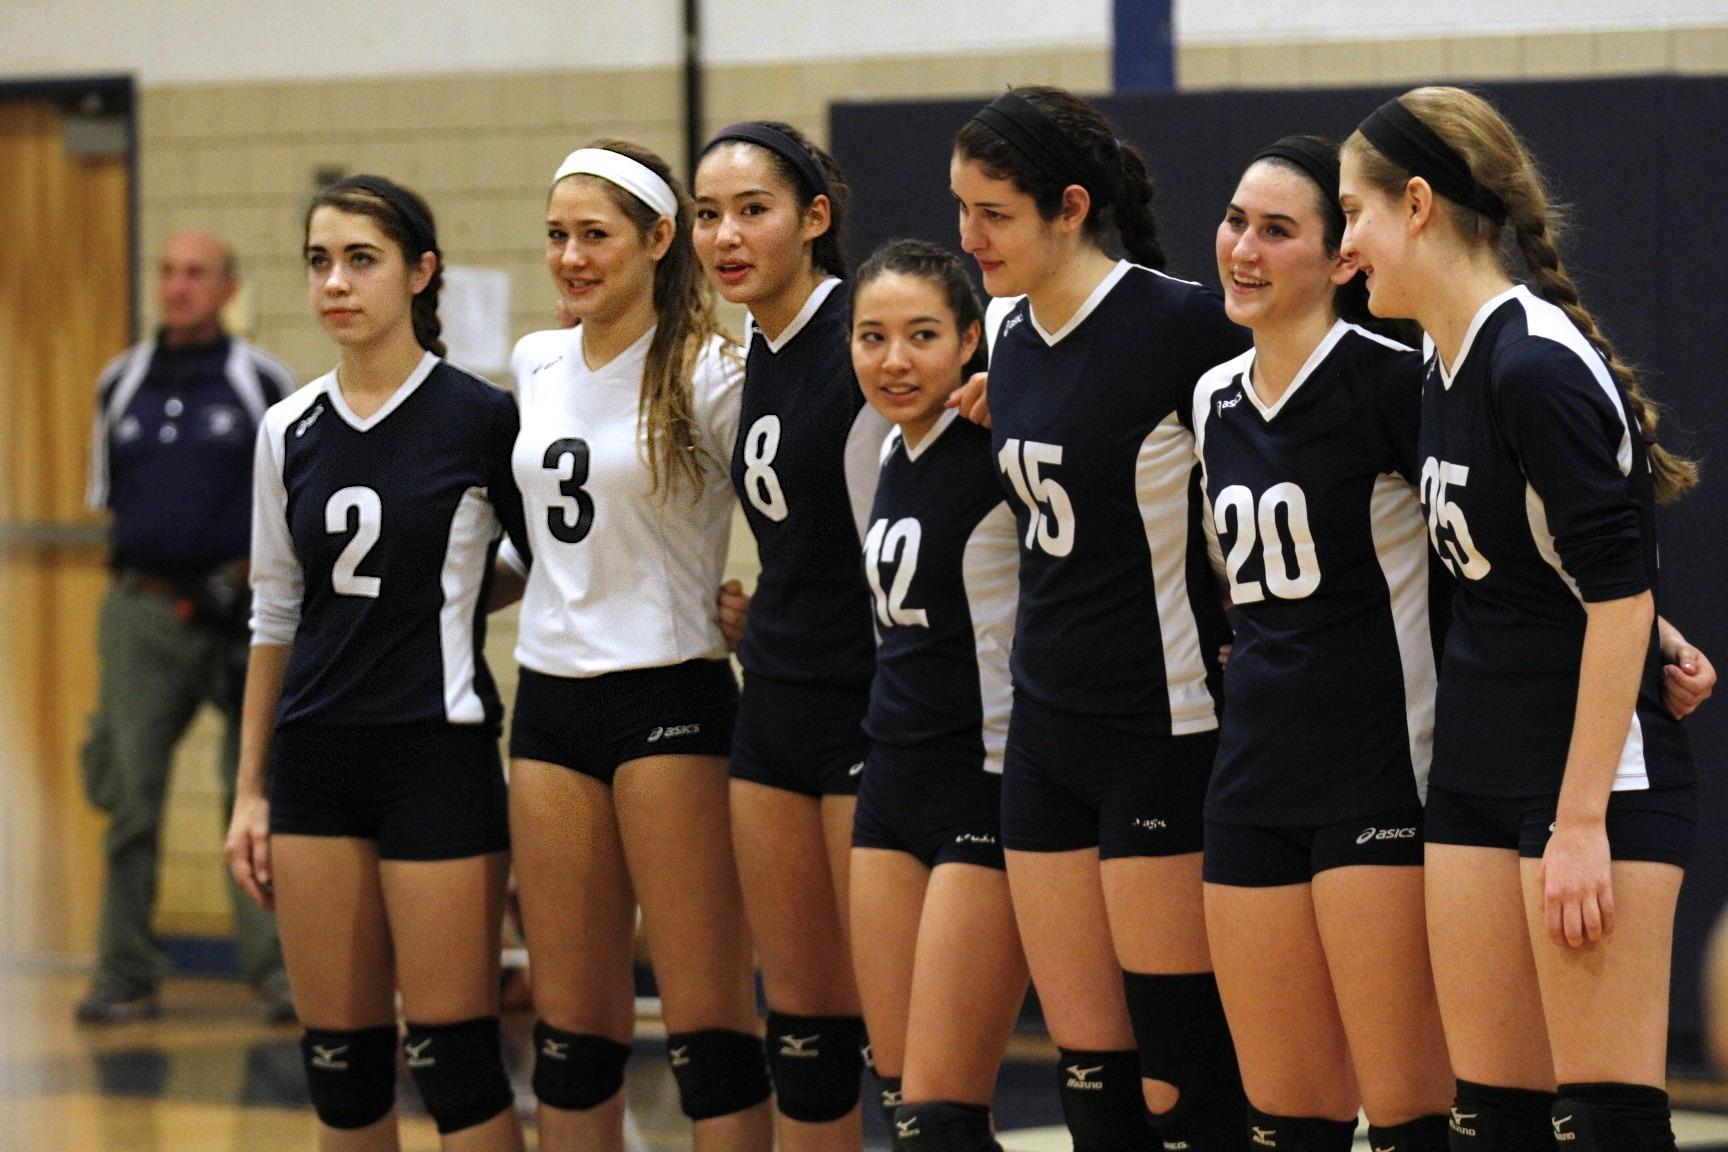 73ffcd982c69dd222e80_Chatham_Girls_Volleyball_6428.jpg